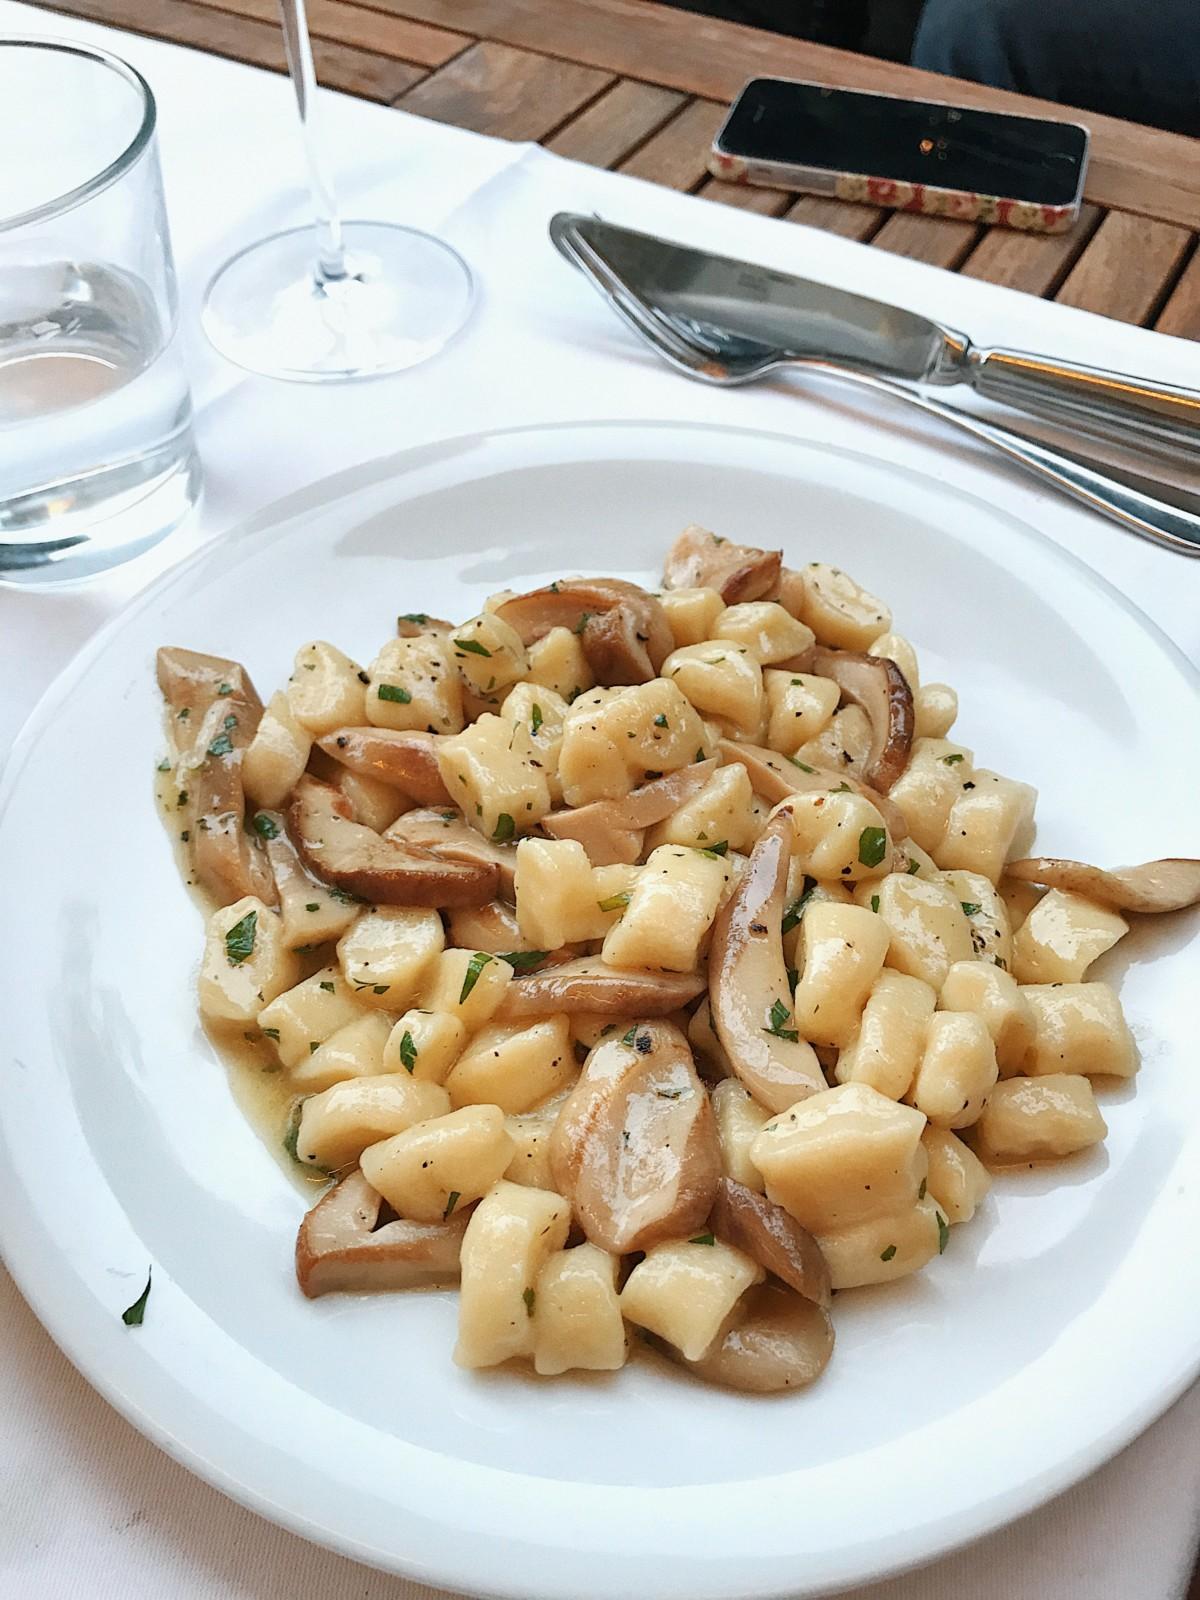 santo-zuerich-lunchgate-steinpilz-gnocchi